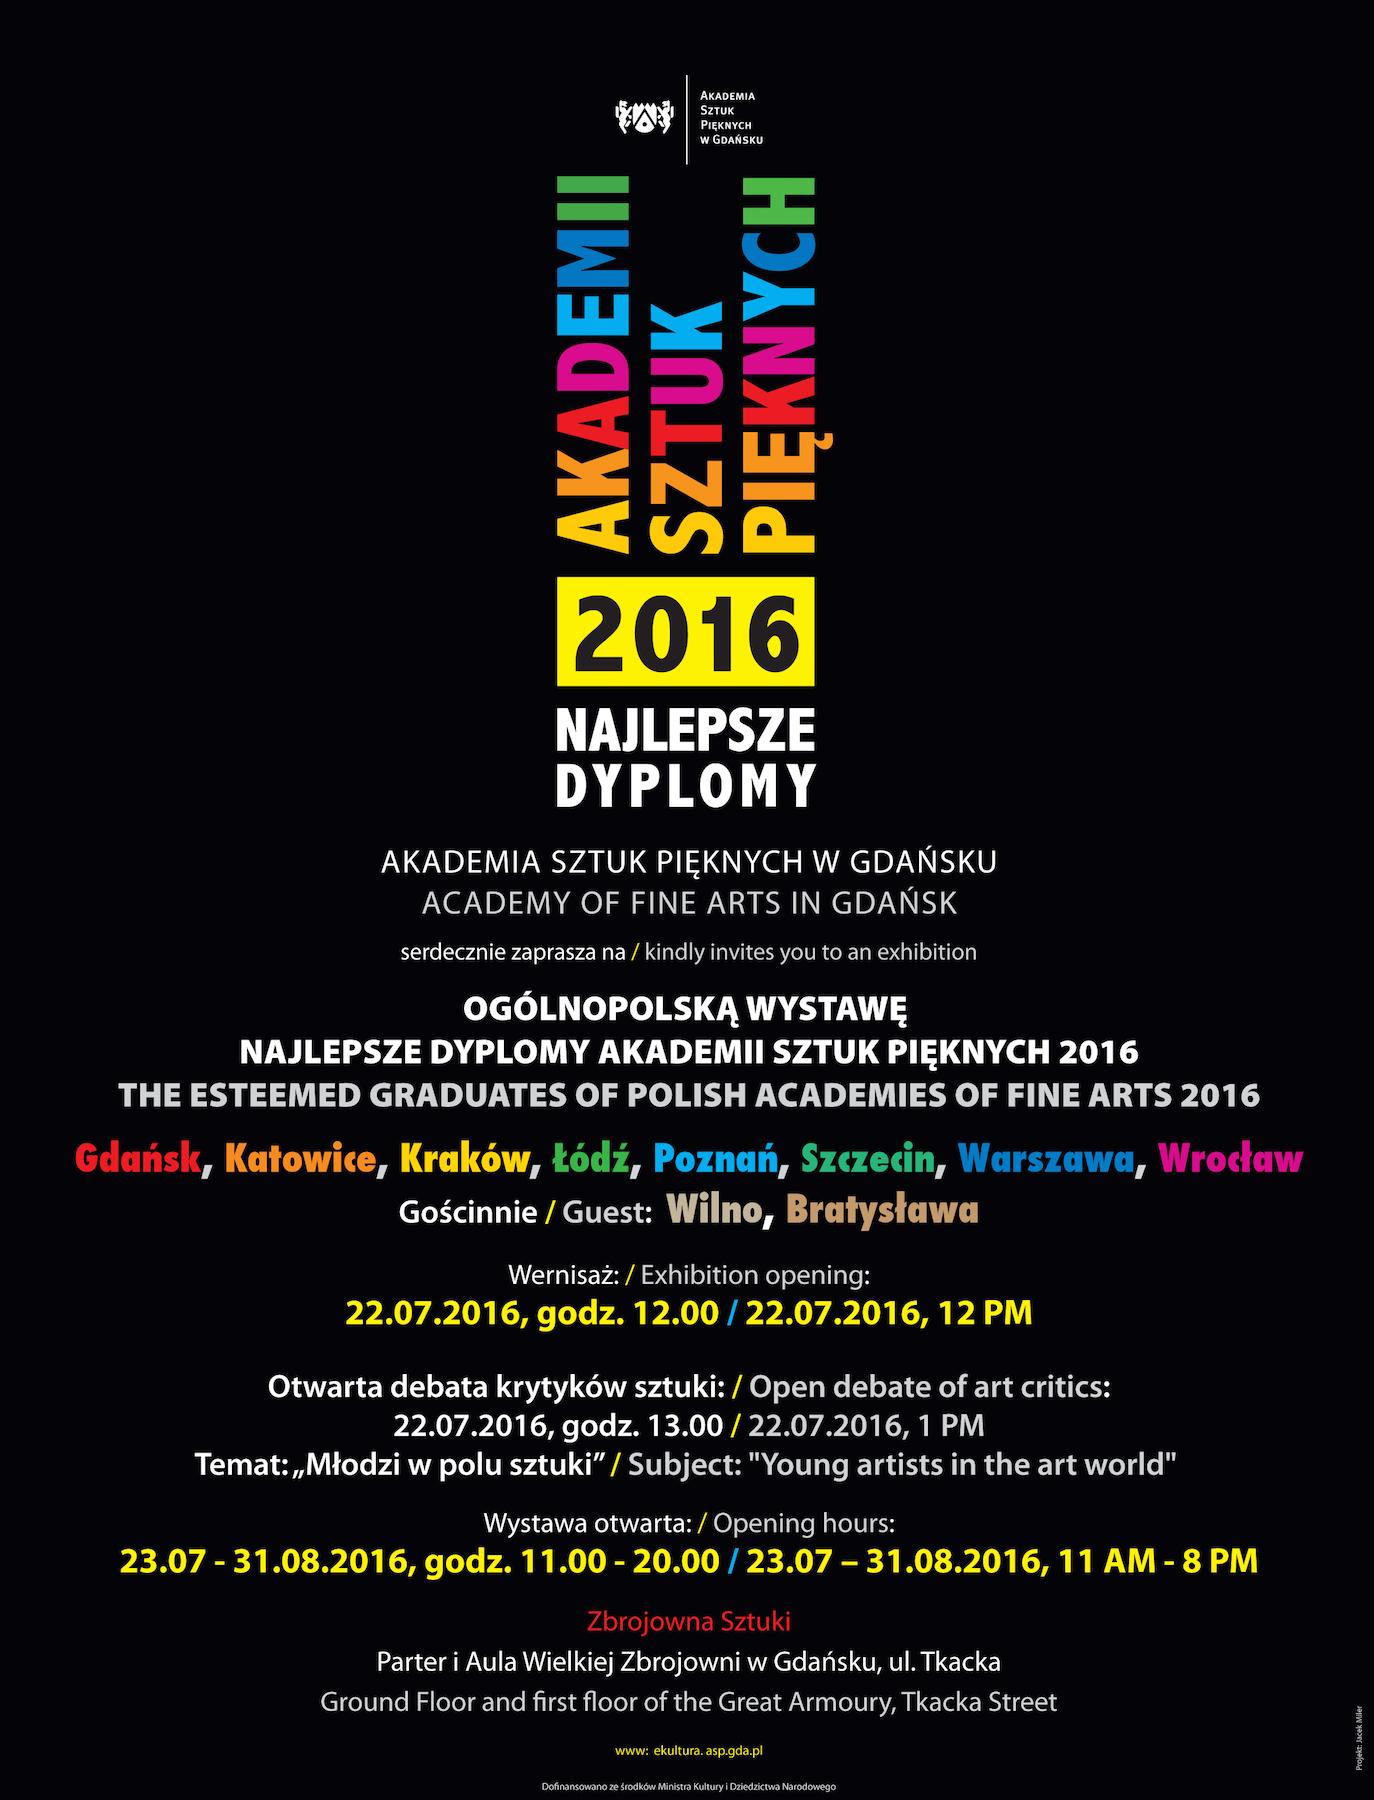 """VIII Ogólnopolska Wystawa """"Najlepsze Dyplomy Akademii Sztuk Pięknych"""" – plakat (źródło: materiały prasowe organizatora)"""